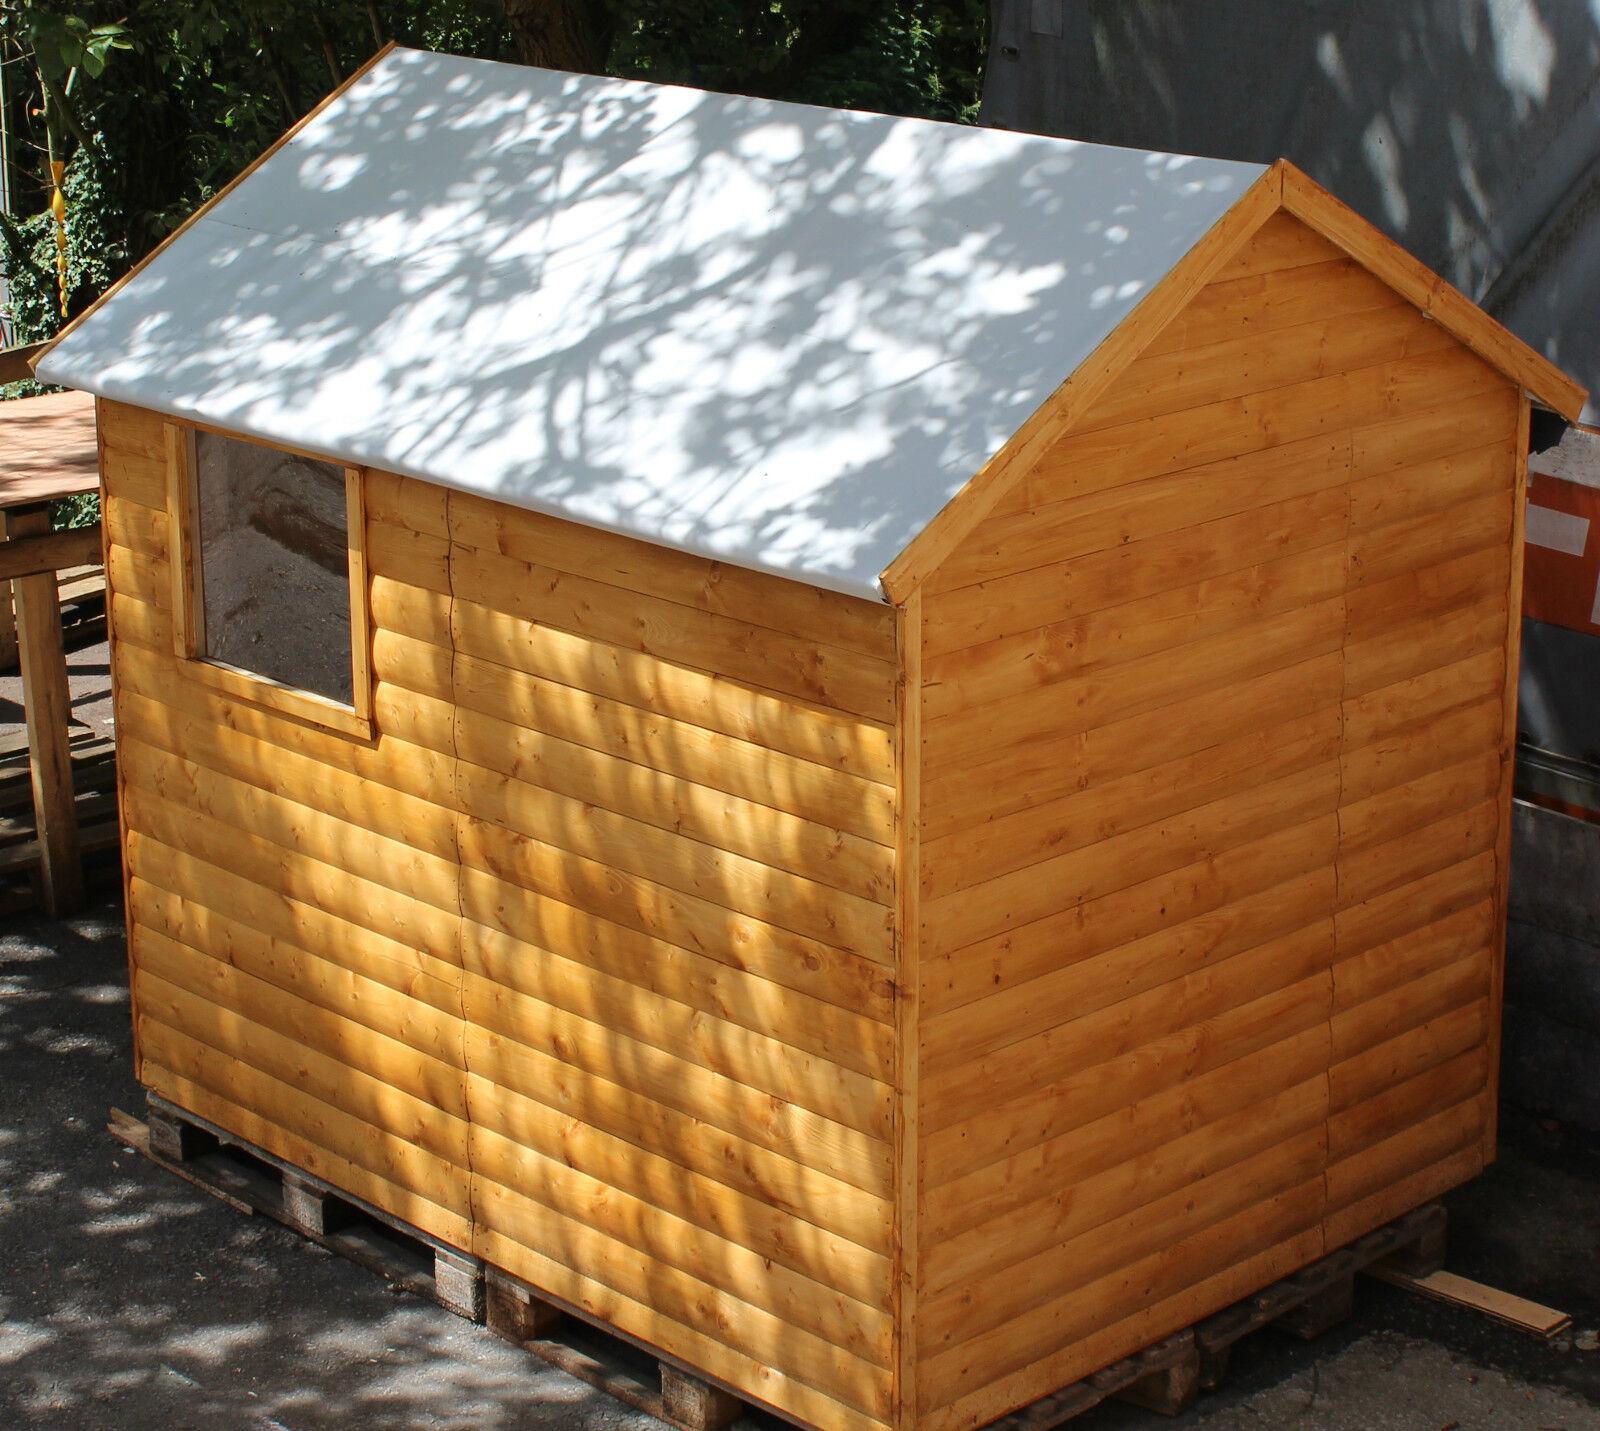 Dachfolie   m²  statt Teerpappe  Sikaplan® 15 G PVC  Dachbahn  Dichtbahn